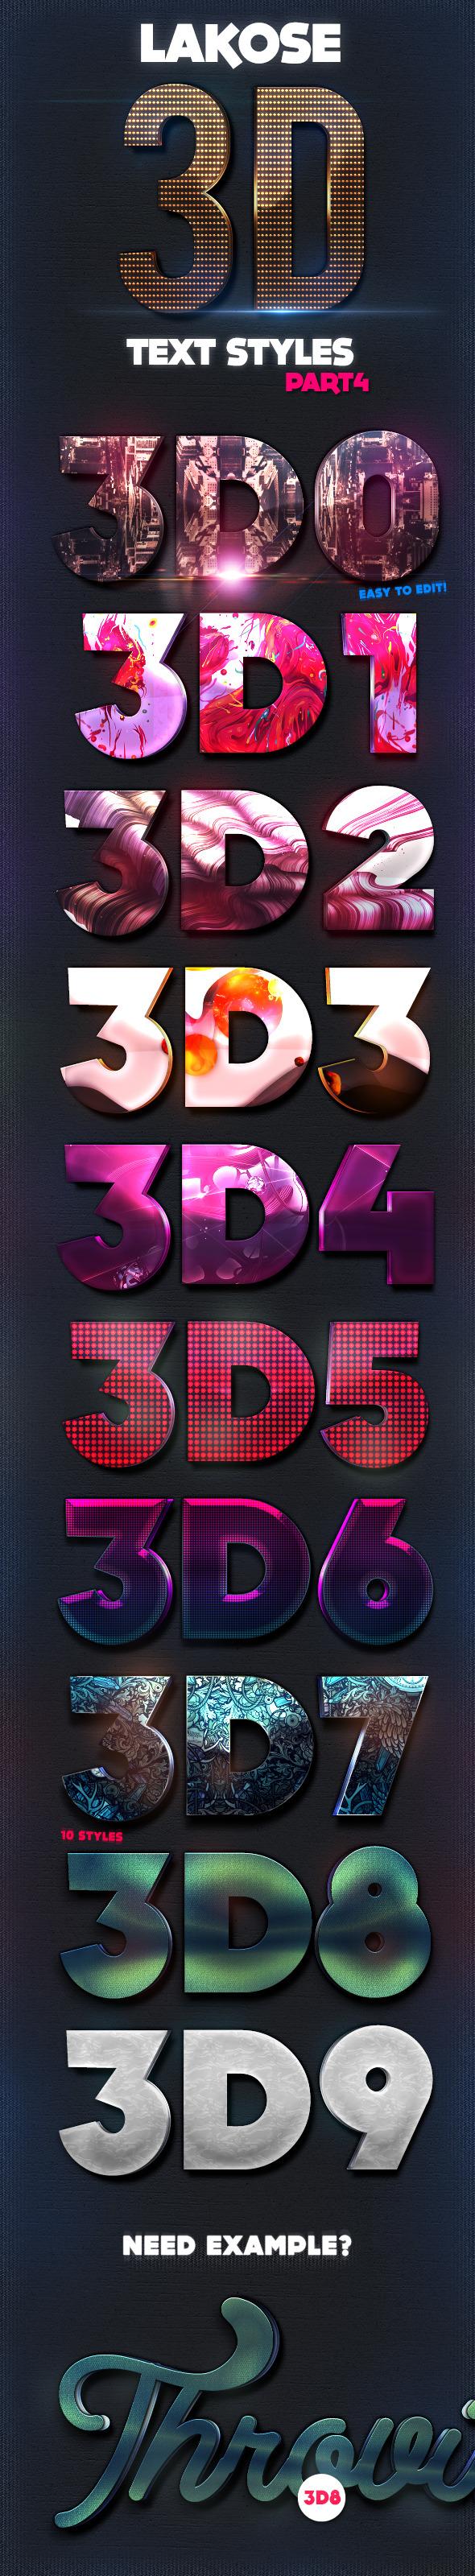 Lakose 3D Text Styles Part 4